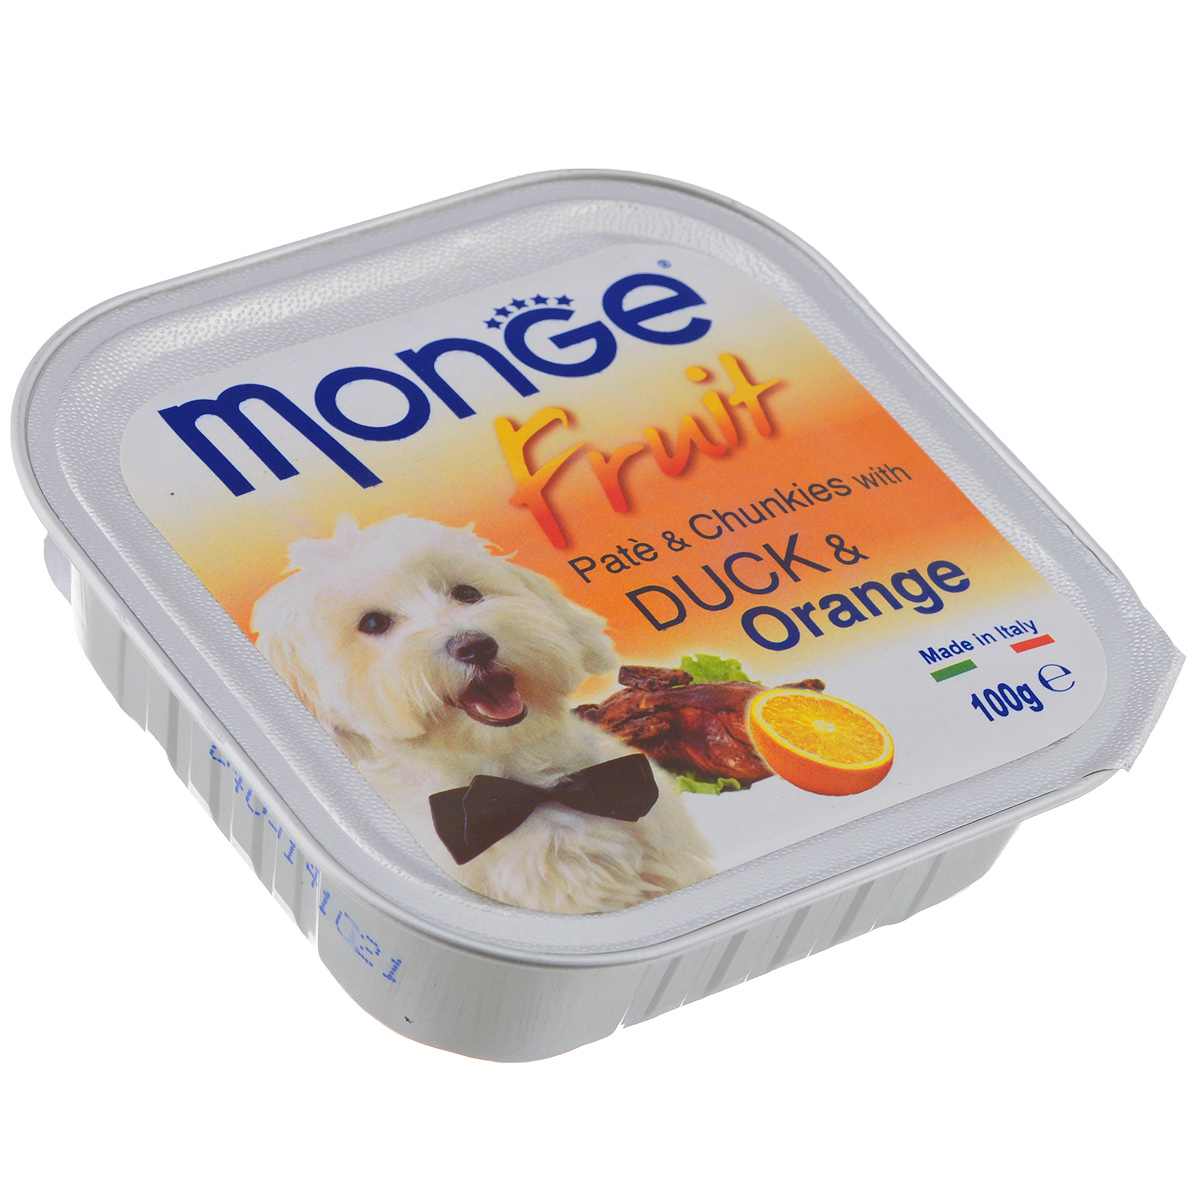 Консервы для собак Monge Fruit, утка с апельсином, 100 г70013239Консервы для собак Monge Fruit - это полнорационный корм для собак. Паштет с уткой и апельсином. Состав: свежее мясо 80% (содержание утиного мяса мин. 10%), апельсин 4%, минеральные вещества, витамины. Технологические добавки: загустители и желирующие вещества. Анализ компонентов: белок 8,5%, жир 7%, сырая клетчатка 0,5%, сырая зола 2,2%, влажность 80%. Витамины и добавки на 1 кг: витамин А 3000 МЕ, витамин D3 400 МЕ, витамин Е 15 мг. Товар сертифицирован.